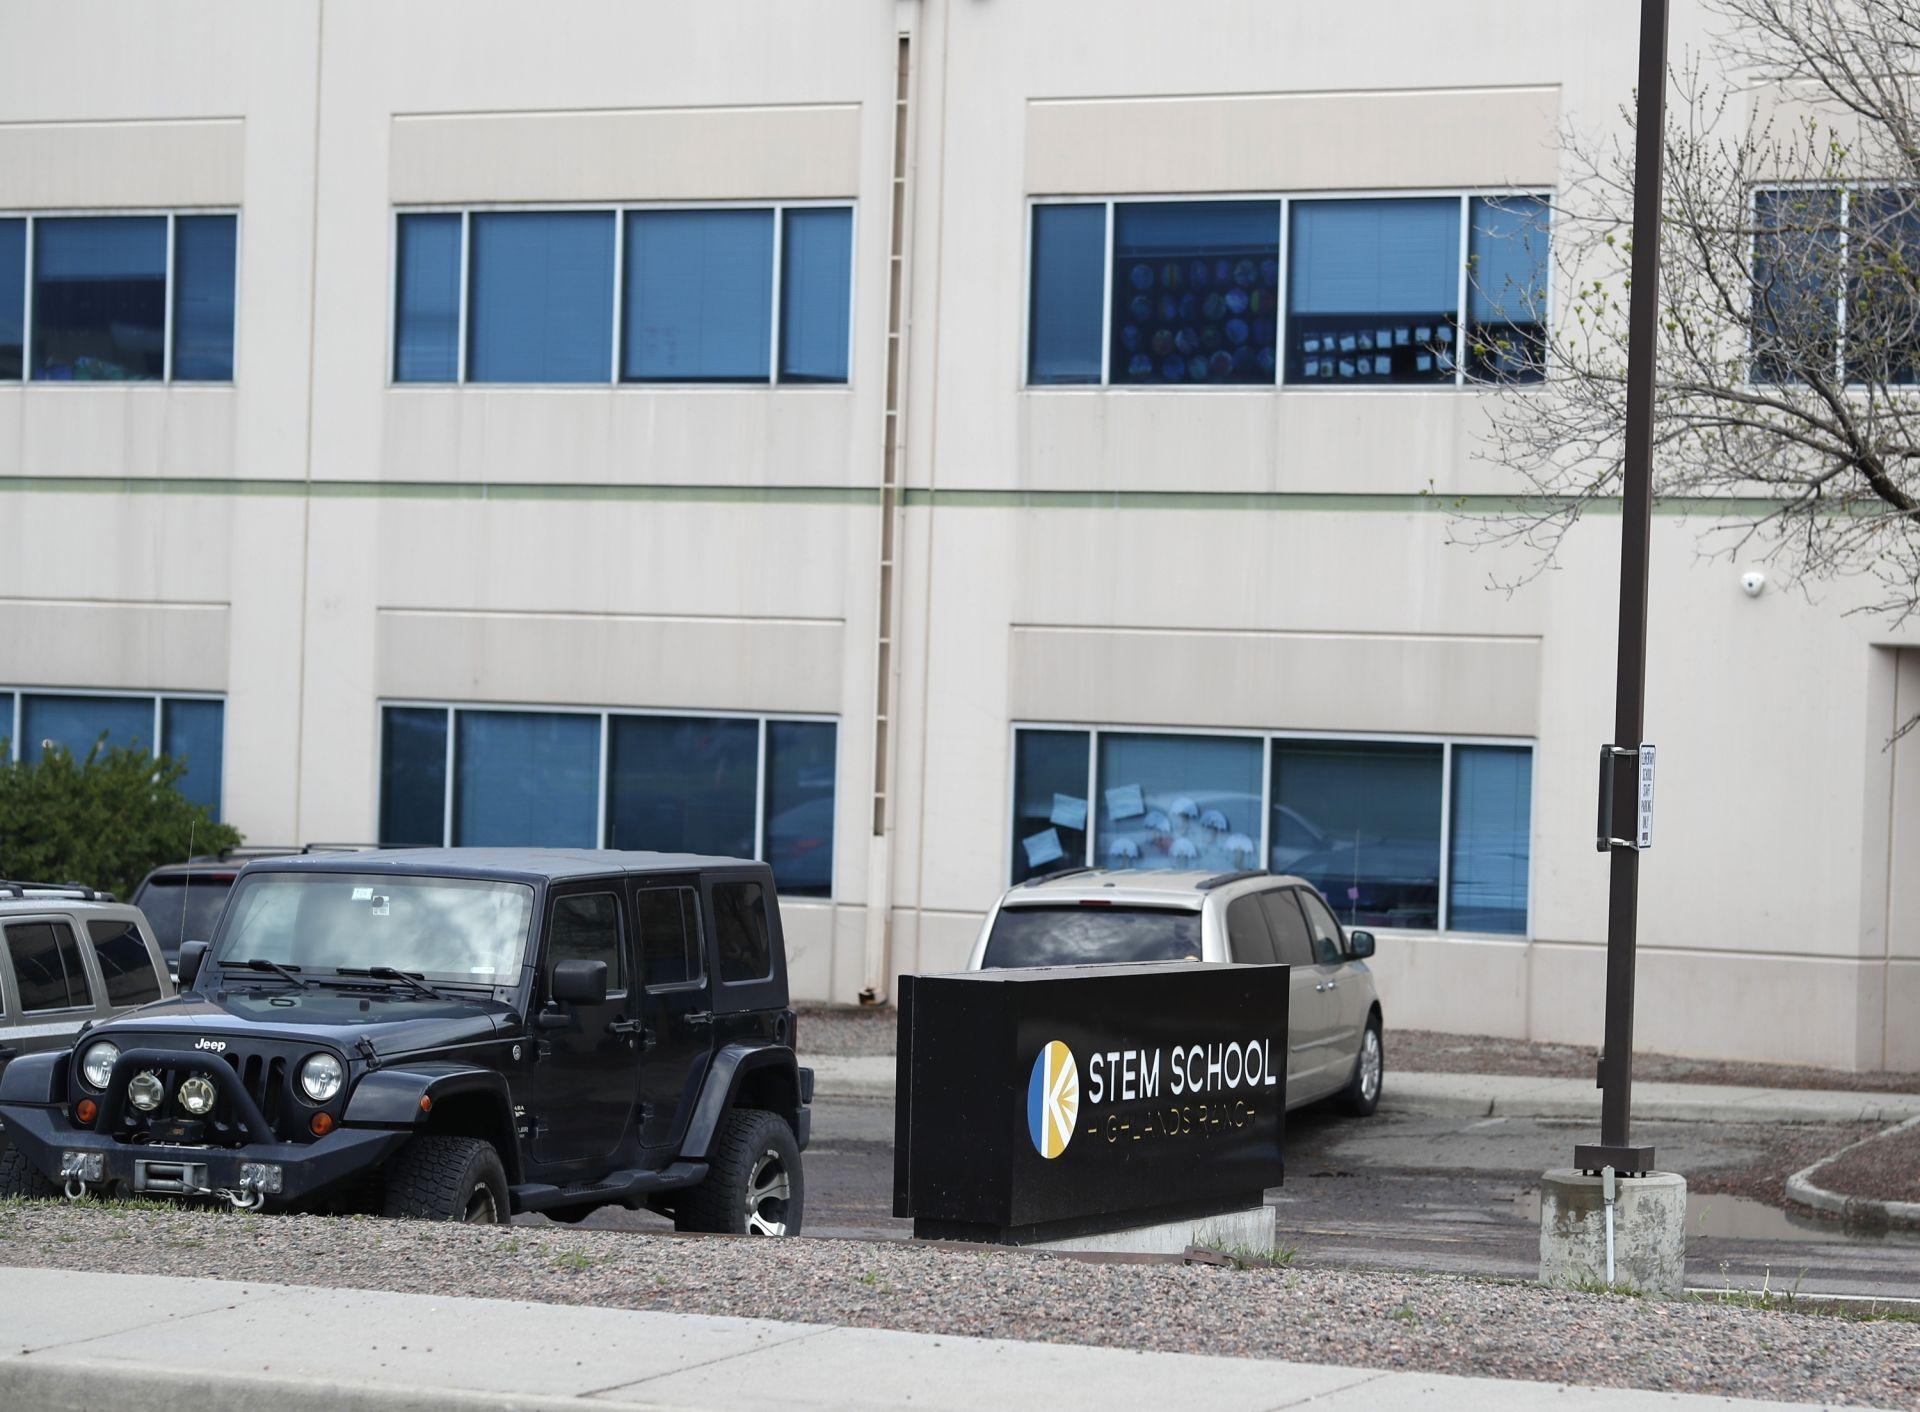 След стрелбата в училището в Колорадо